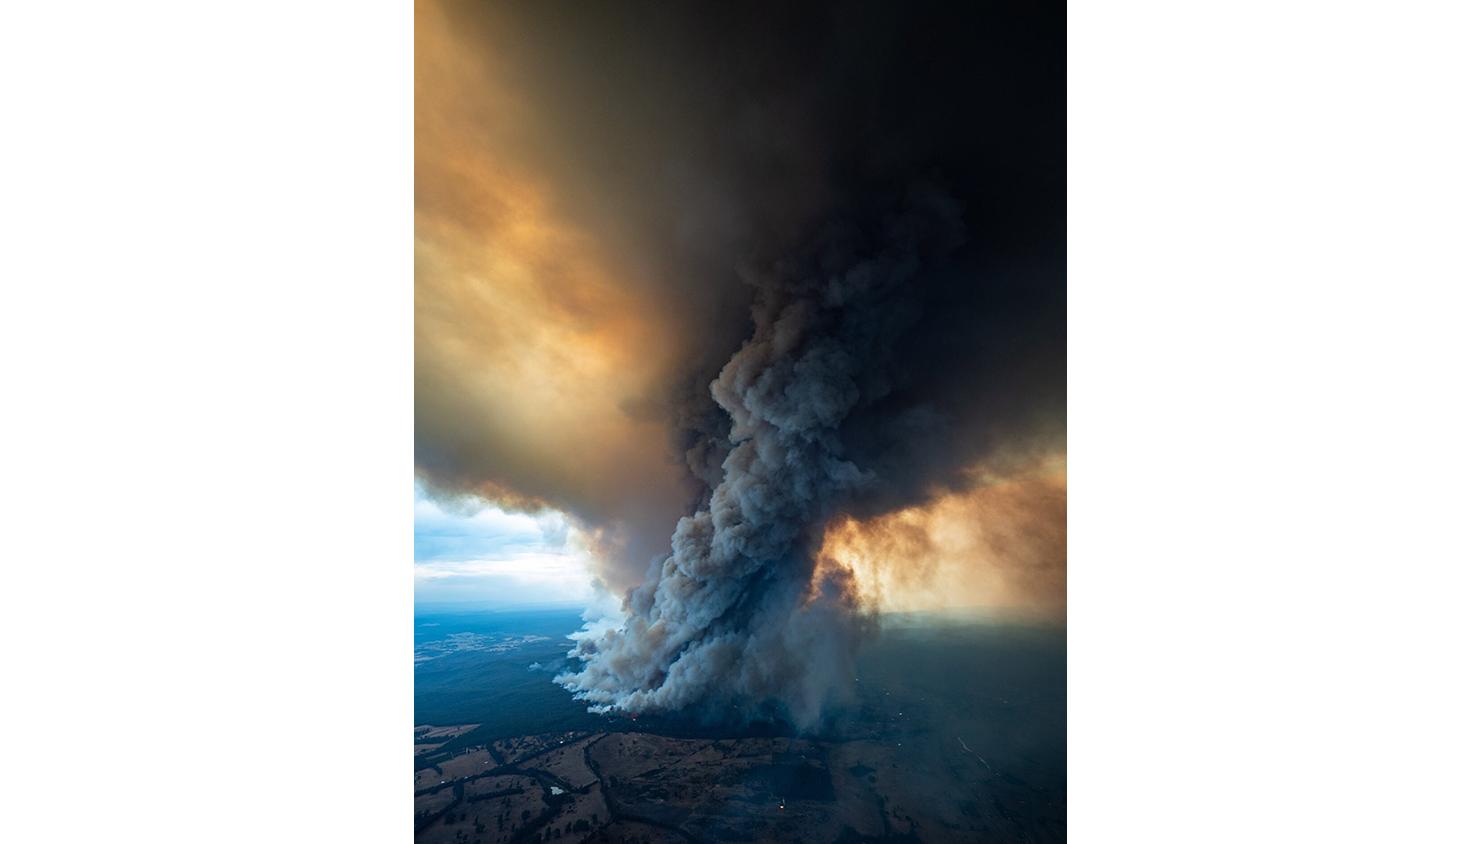 O fumo do incêndio em East Gippsland, Victoria | Departamento de Meio Ambiente, Terra, Água e Planejamento de Gippsland via EPA